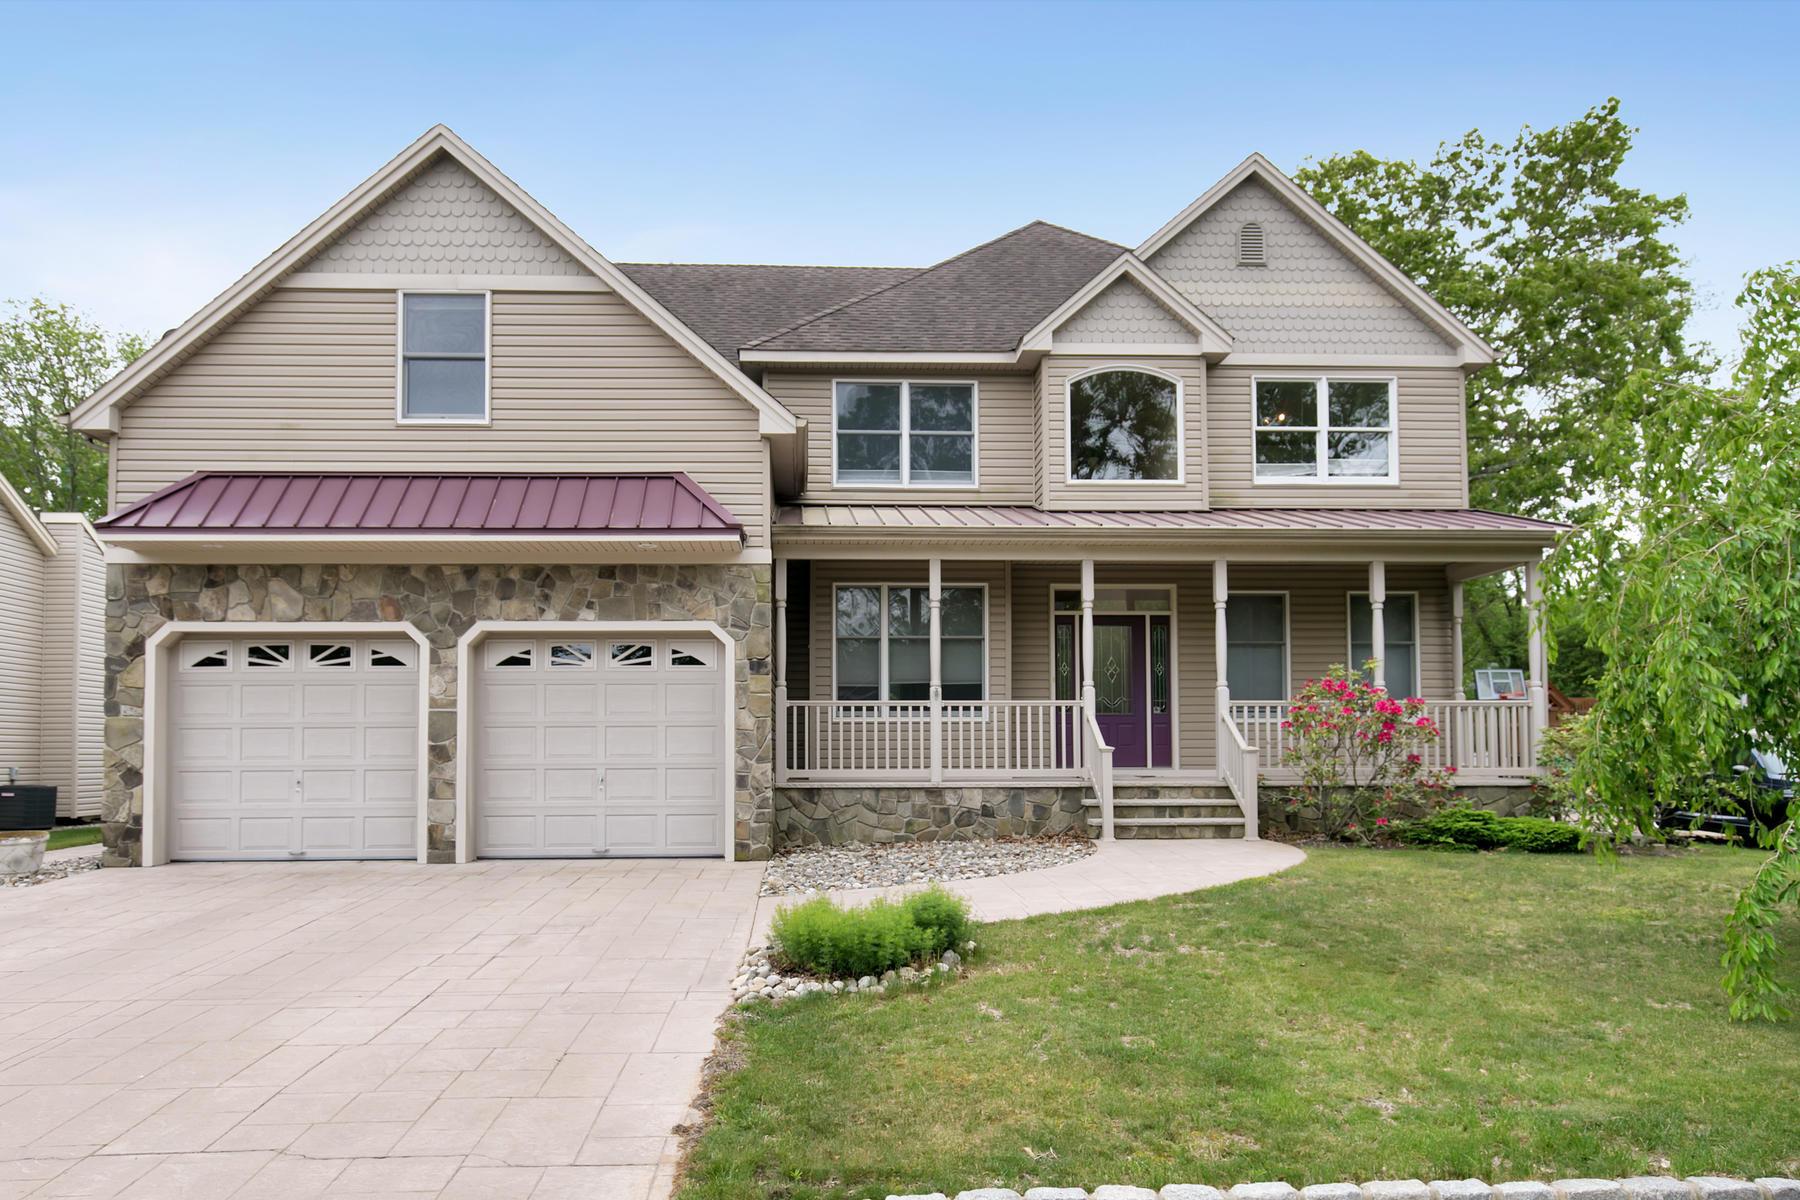 Maison unifamiliale pour l Vente à Sought After Rinderer Home 829 Springfield Avenue Pine Beach, New Jersey 08741 États-Unis